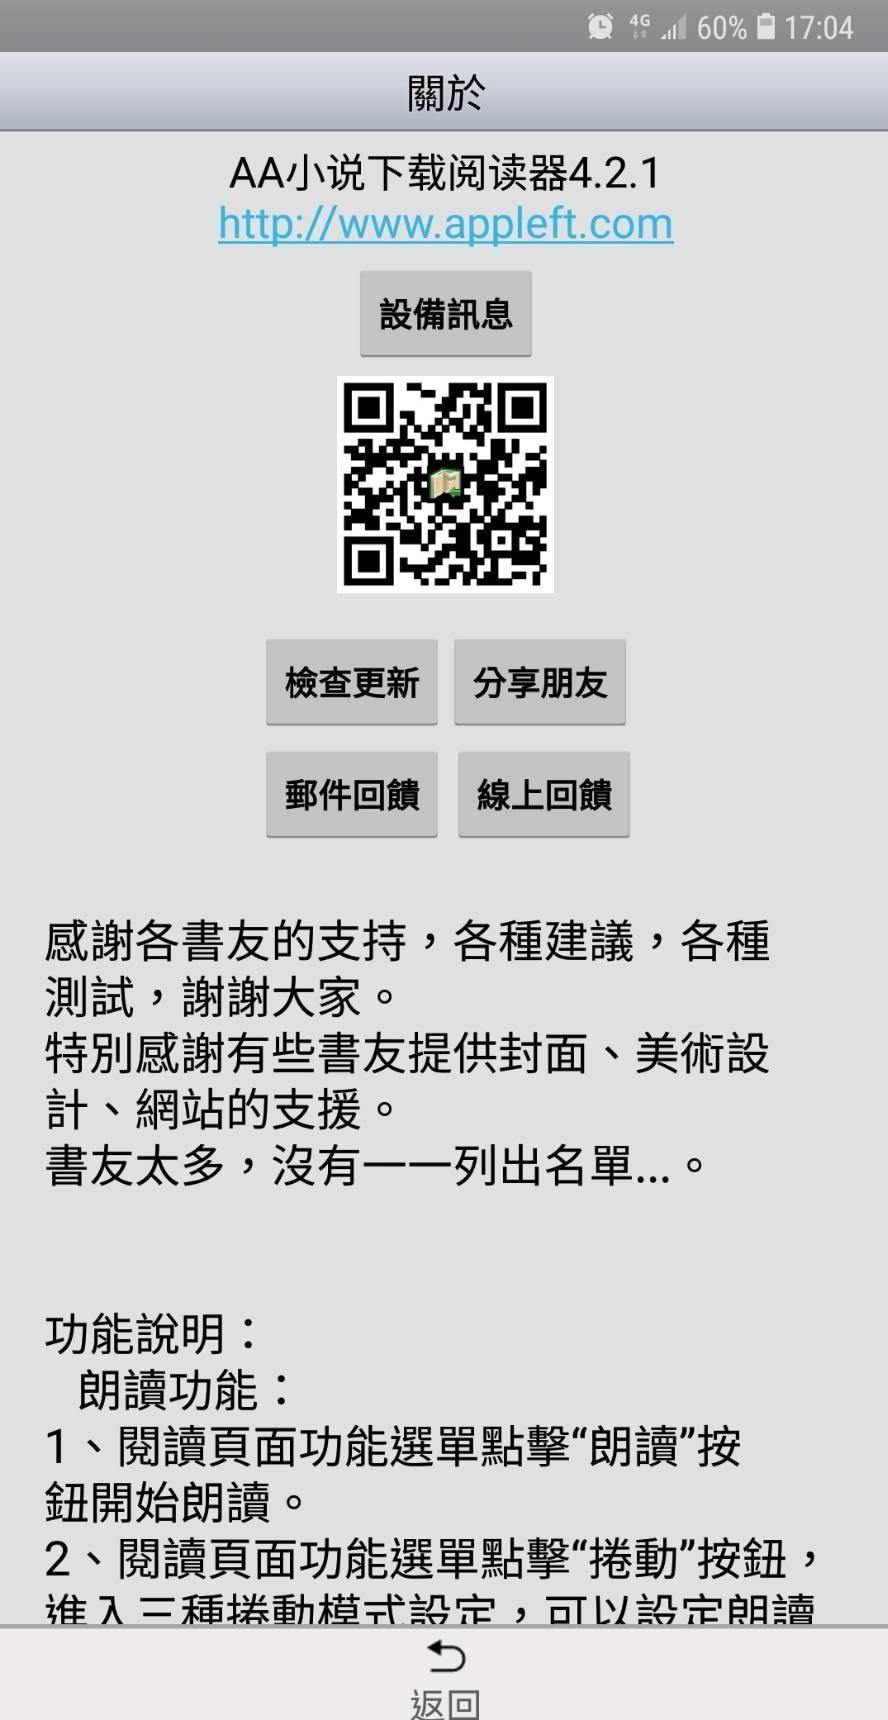 AA小說下載閱讀器 v4.2.1 去廣告版 - Android 遊戲.應用下載 - 冰楓論壇 - 綜合論壇.遊戲攻略.外掛下載.軟體下載 ...